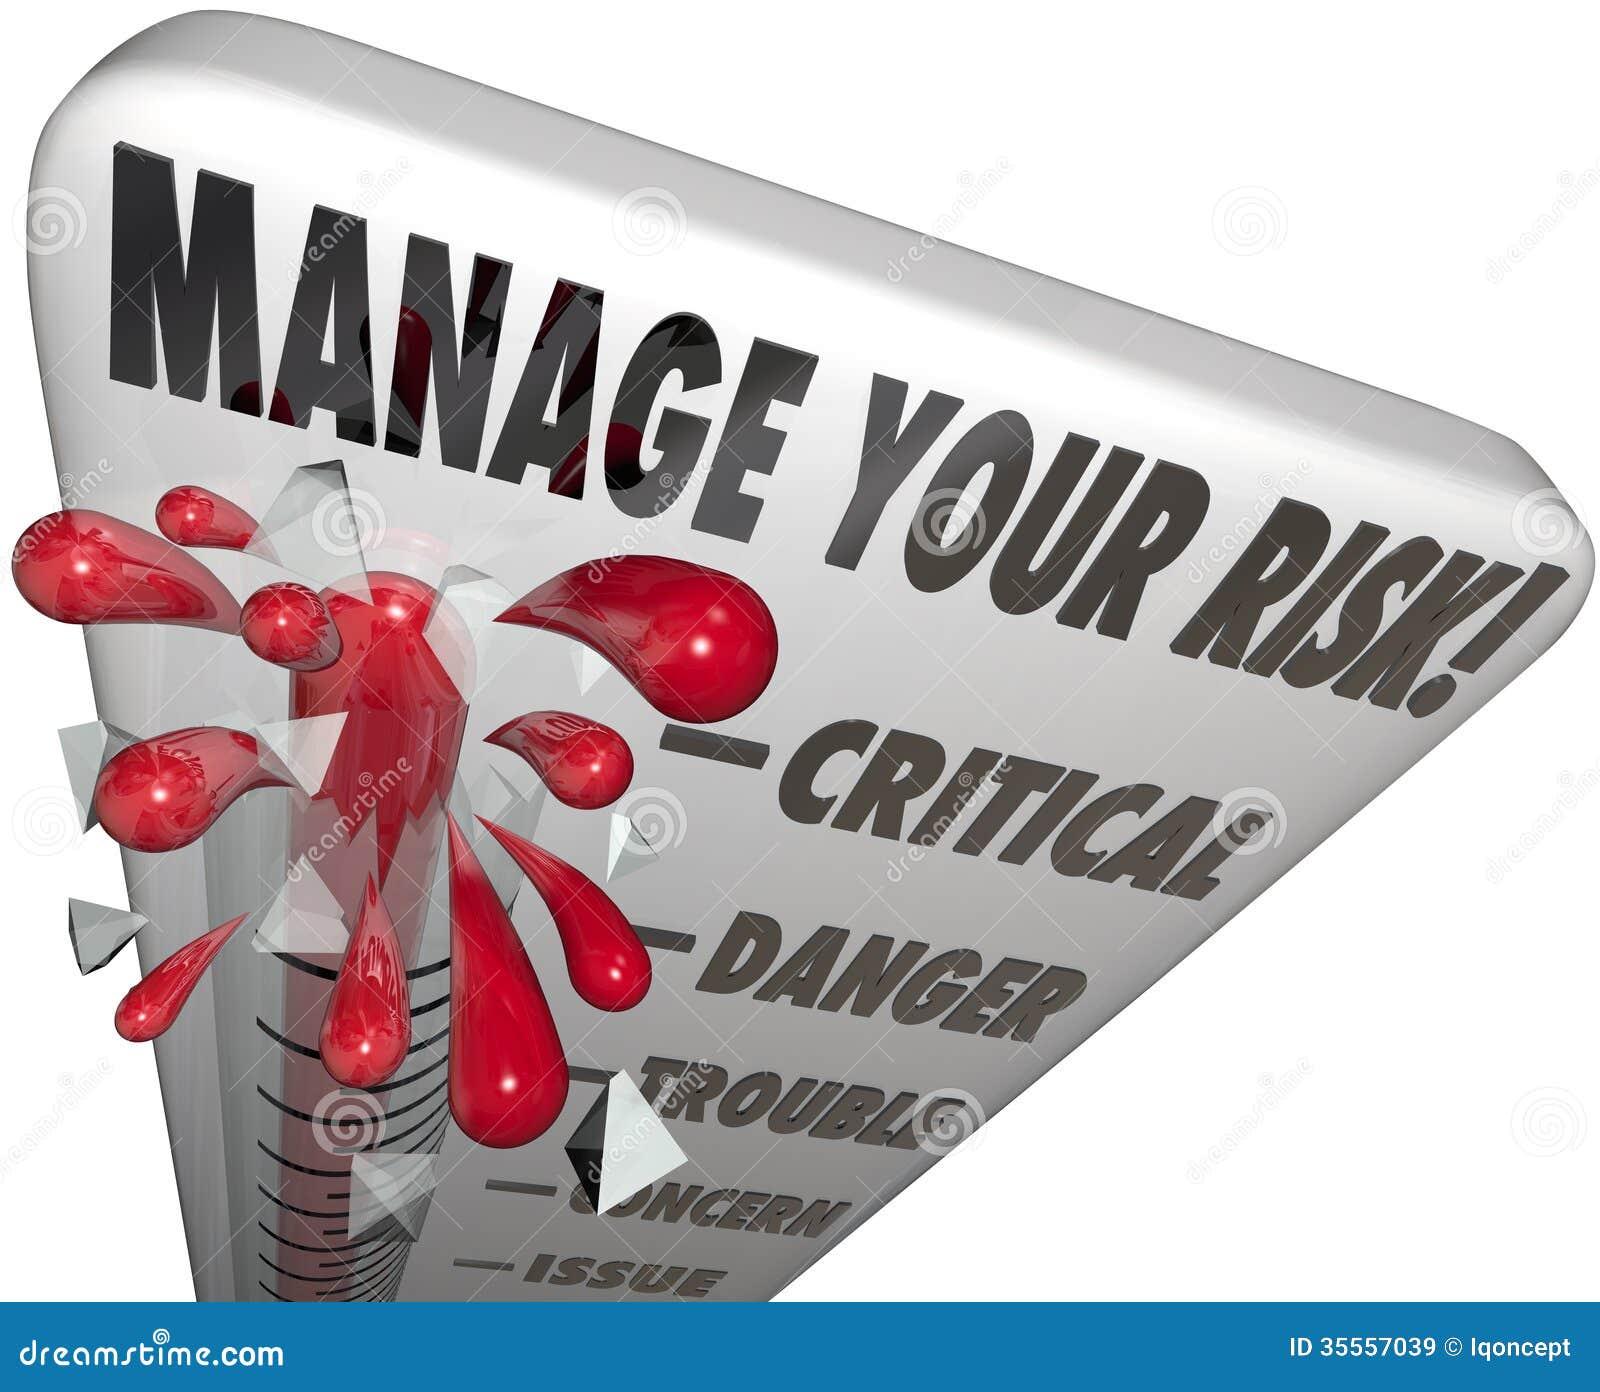 clipart risk management - photo #34